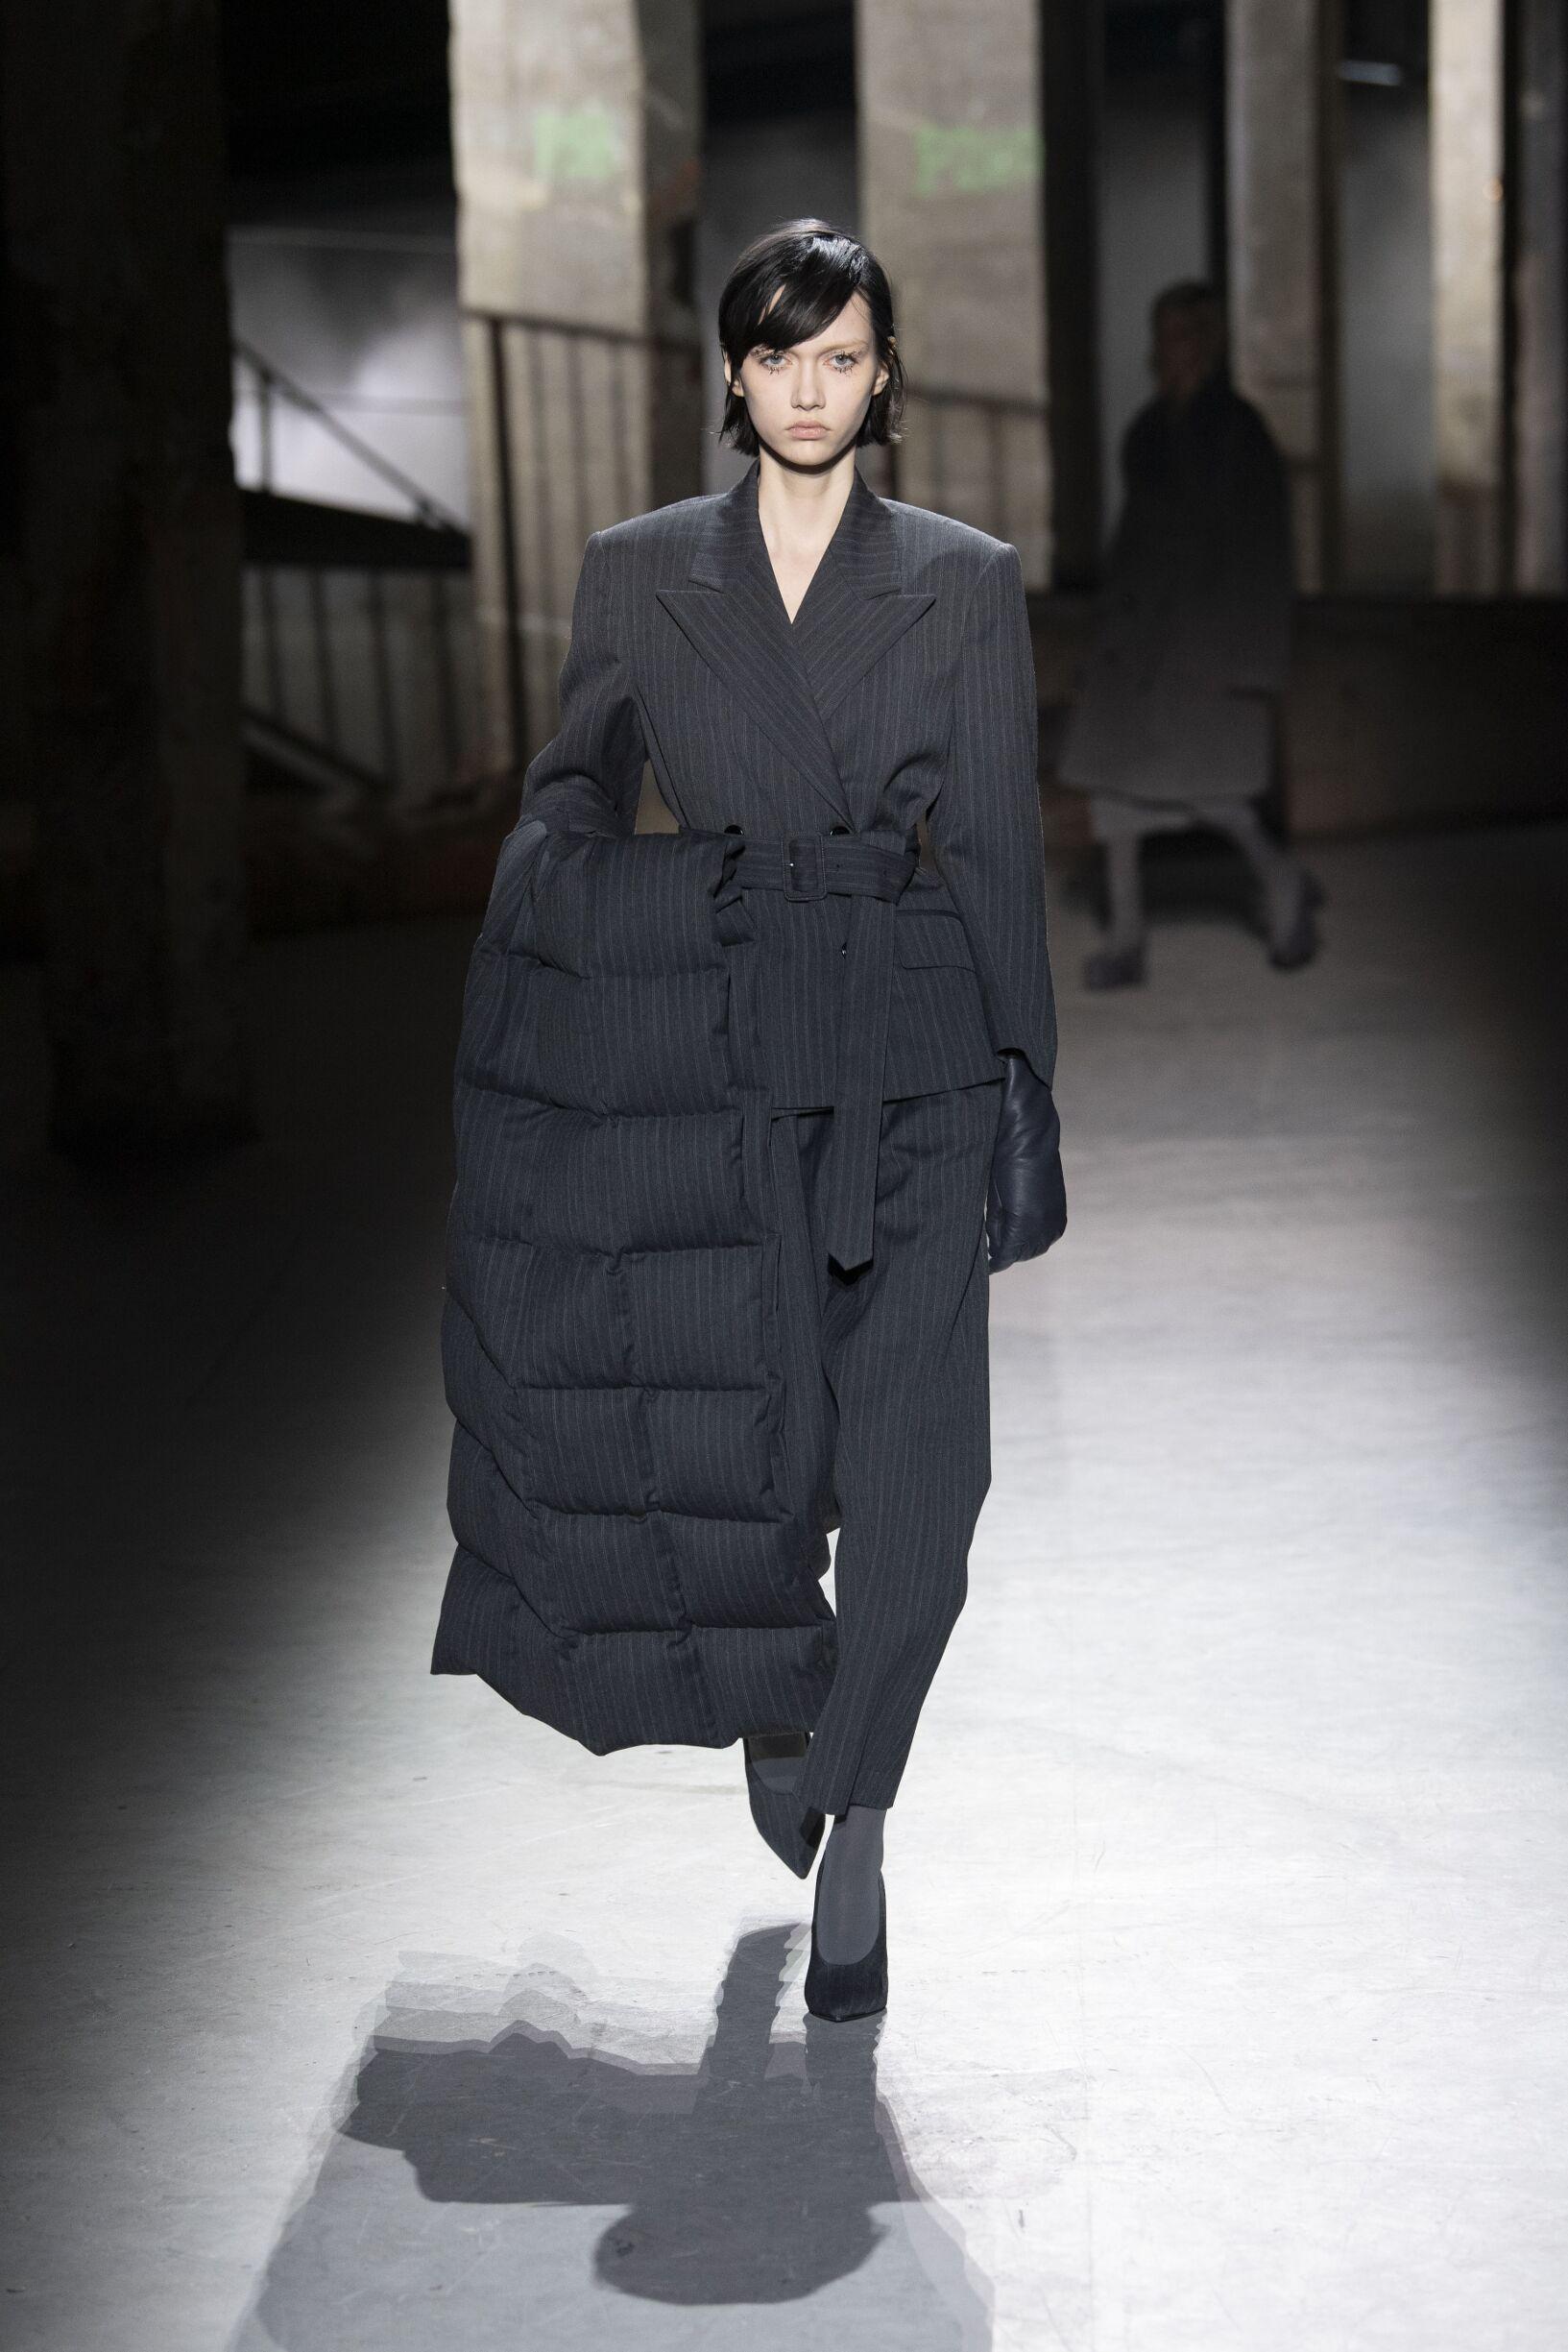 Dries van Noten Fashion Show FW 2019